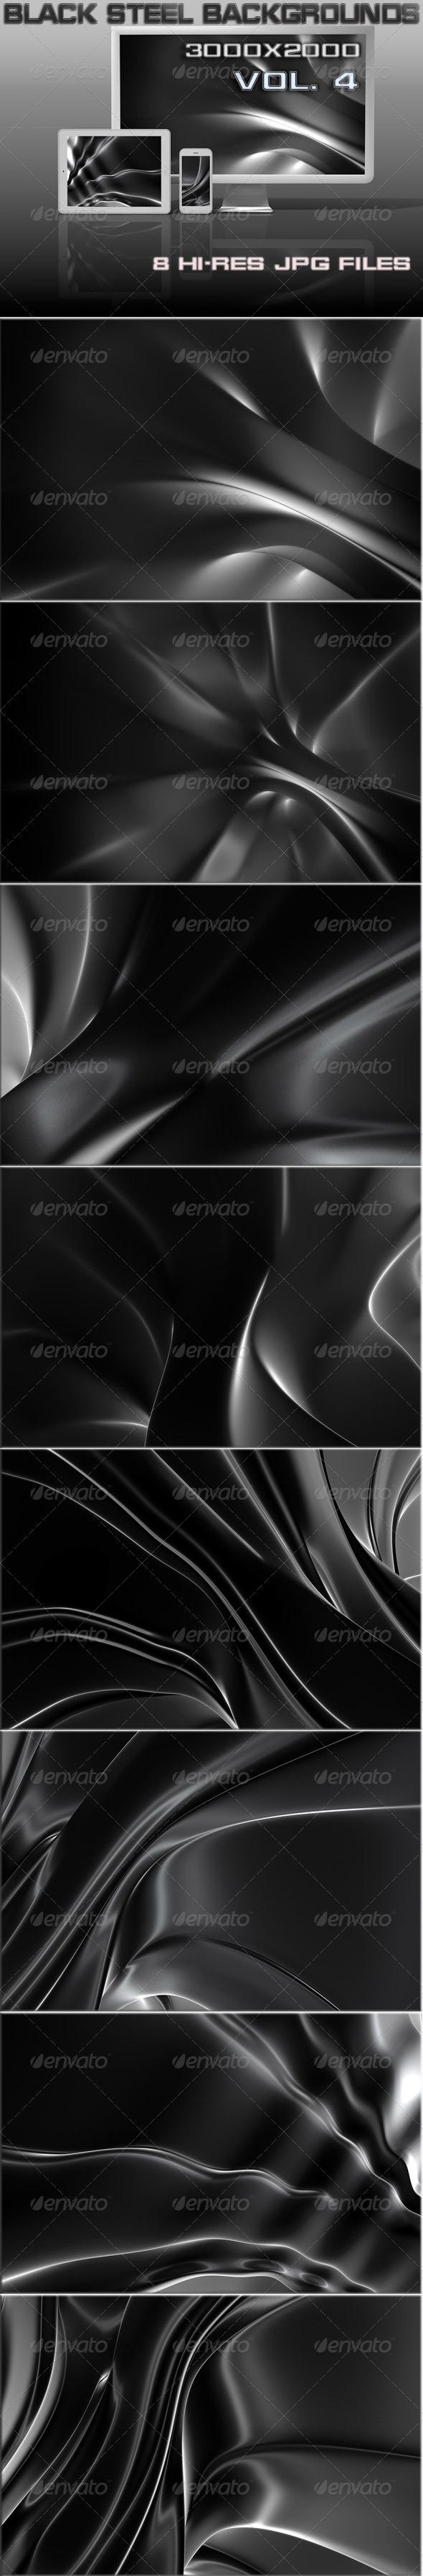 Black Steel 3D Background - 3D Backgrounds